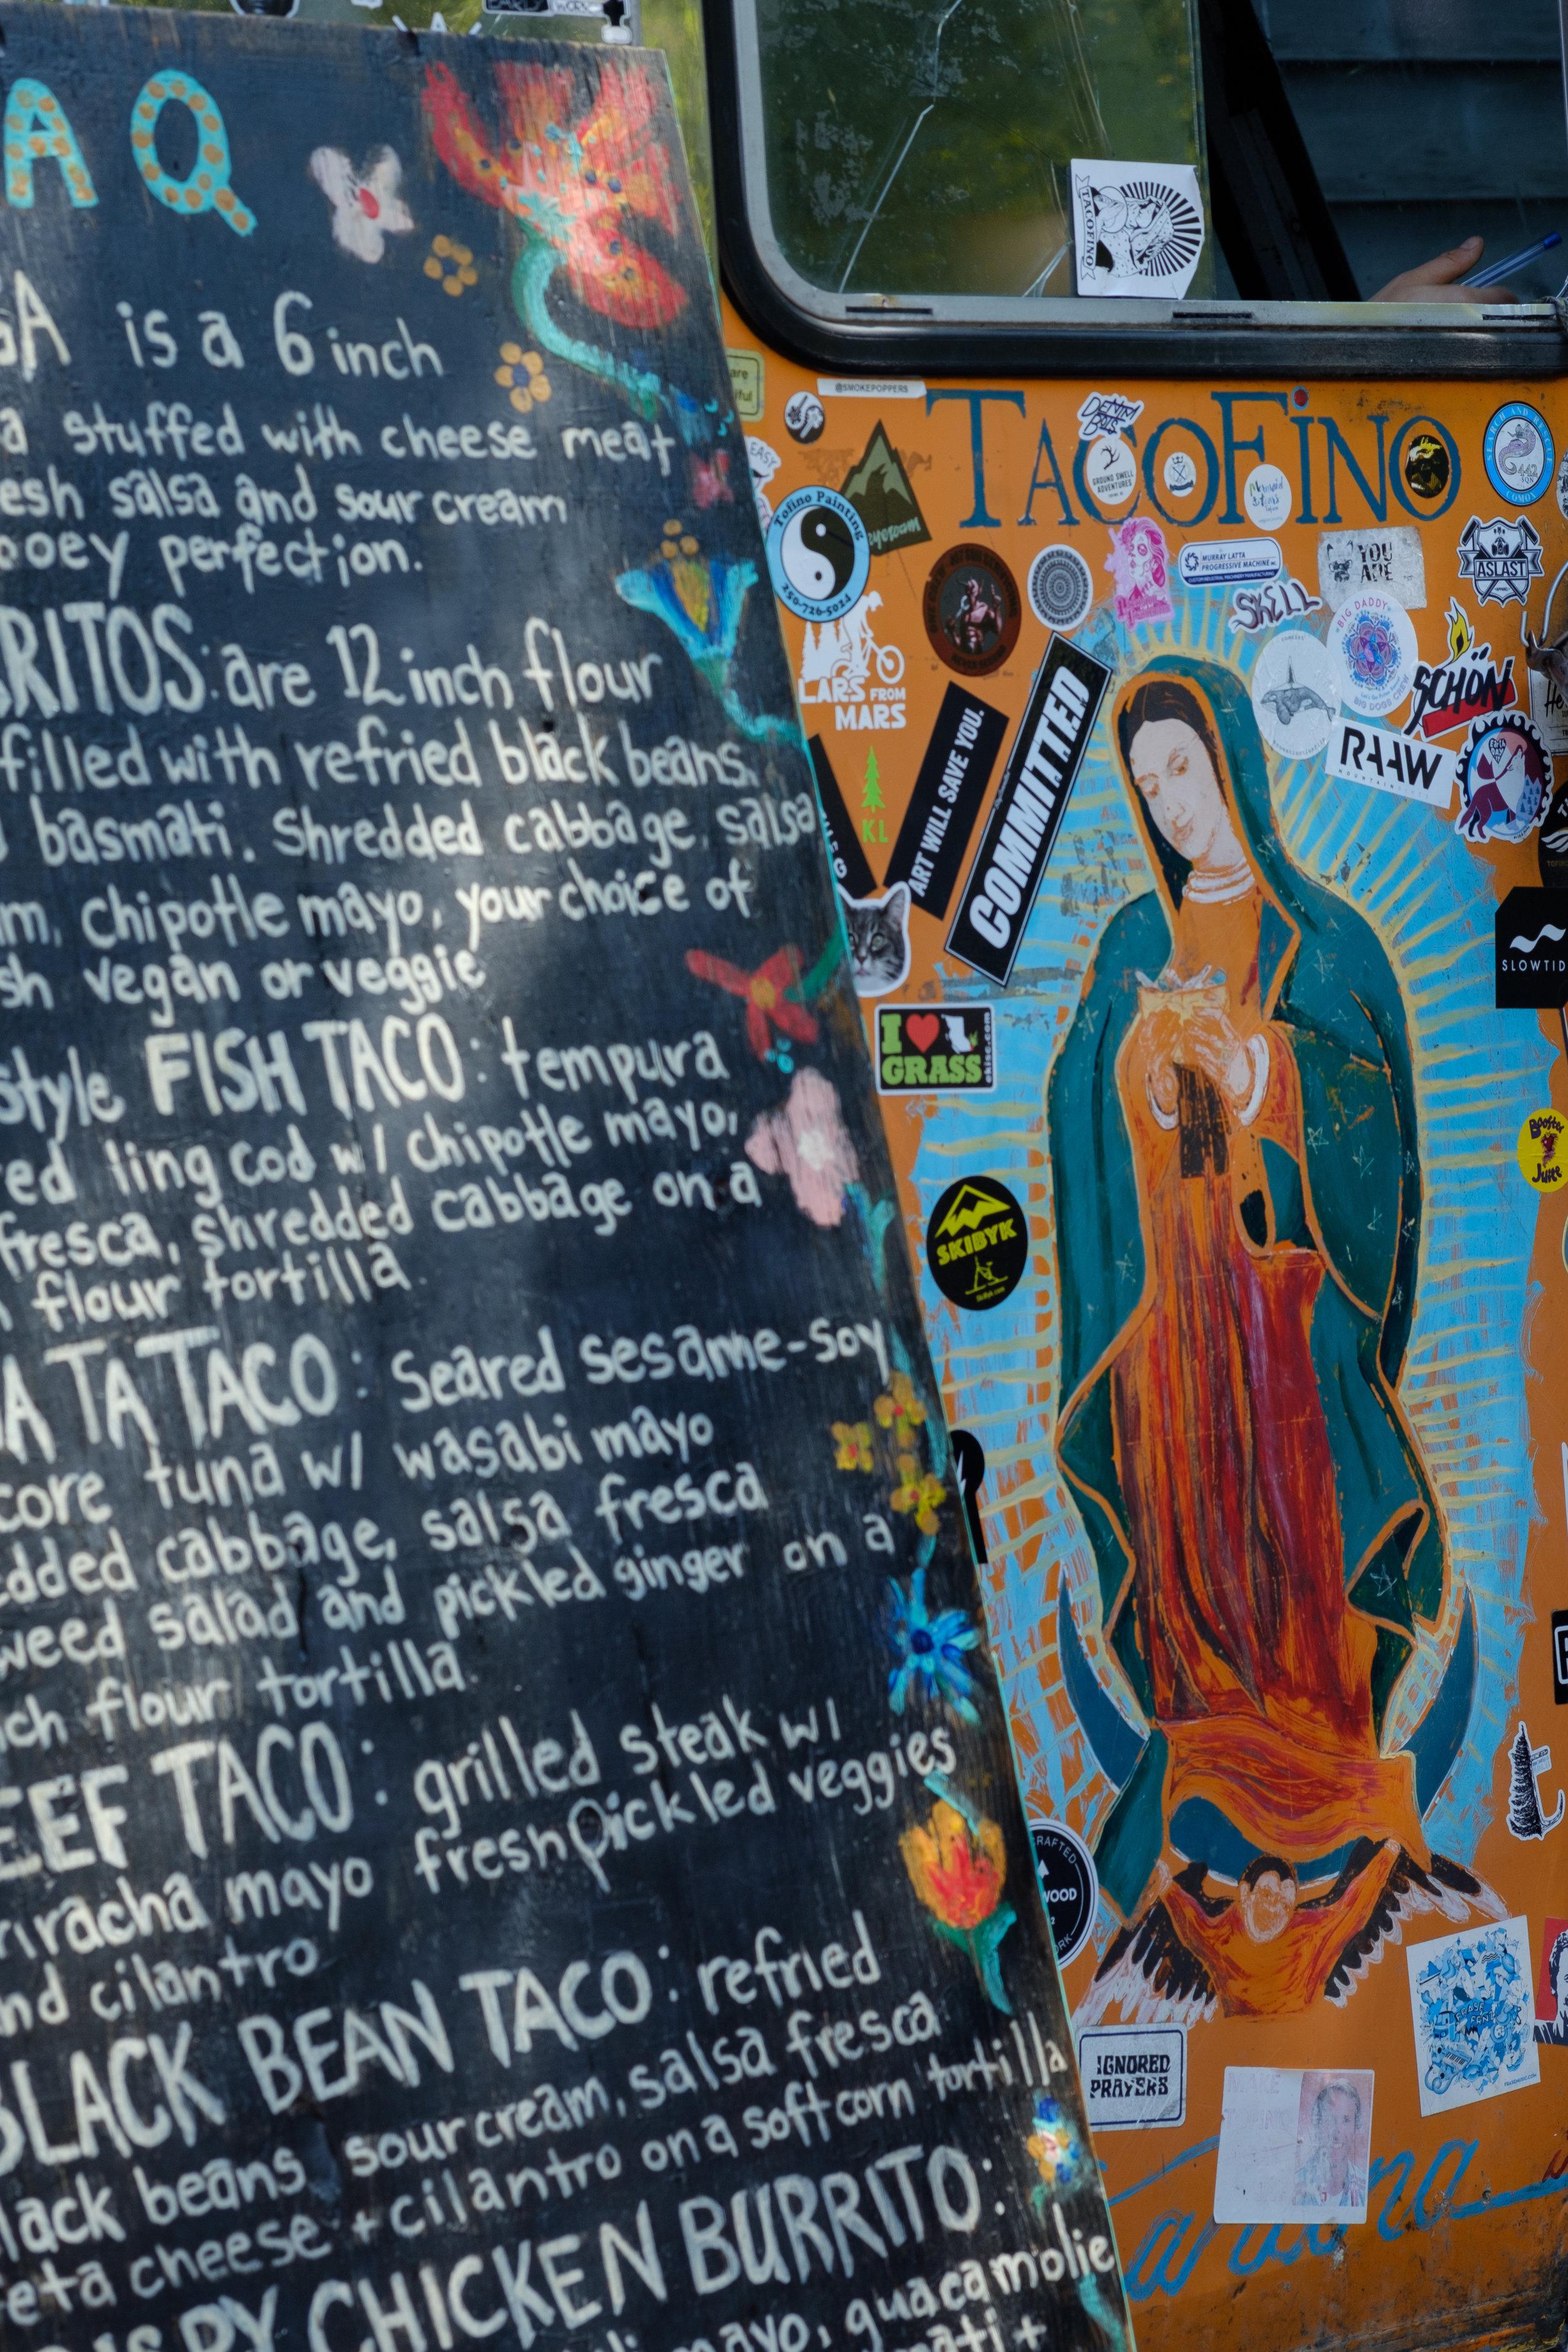 Tacofino, Tofino's famous taco truck